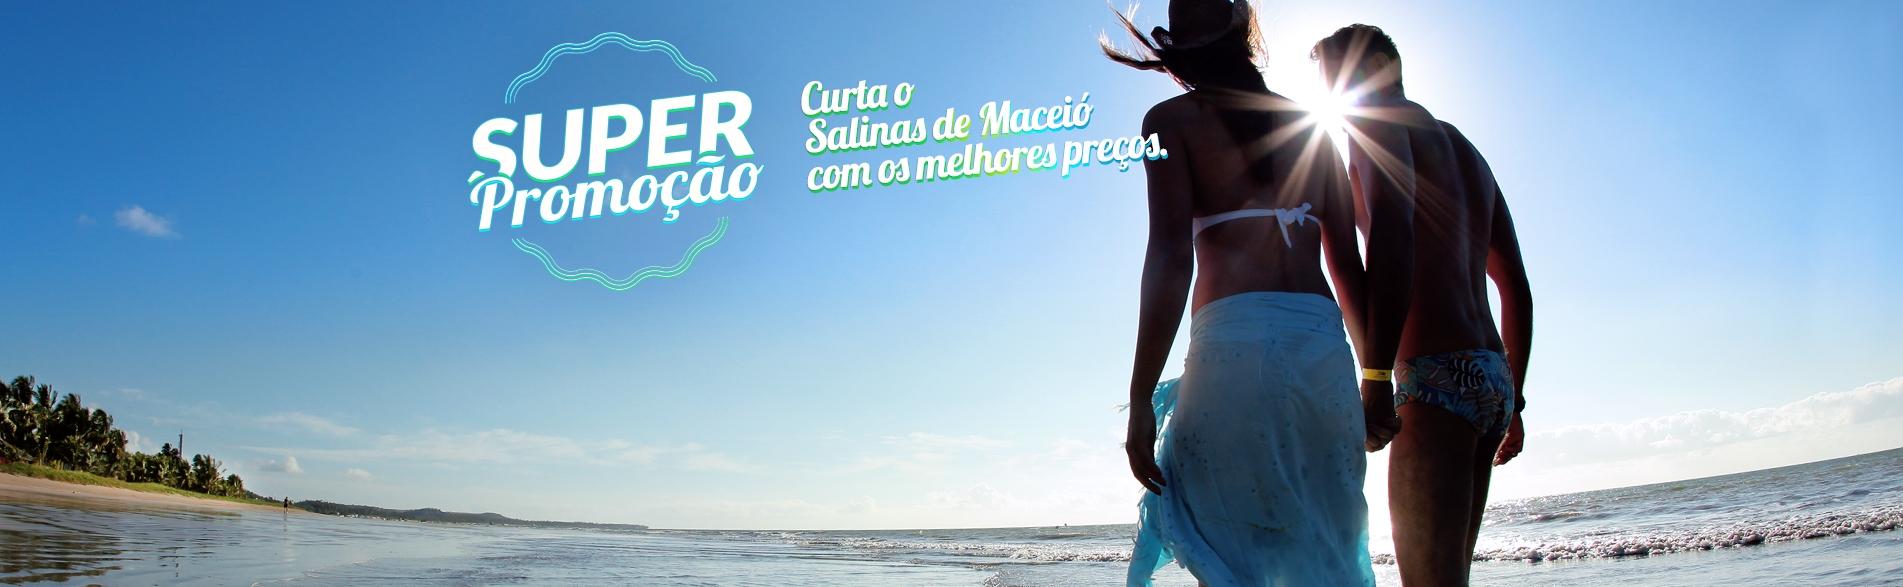 Super Promoção Salinas de Maceió